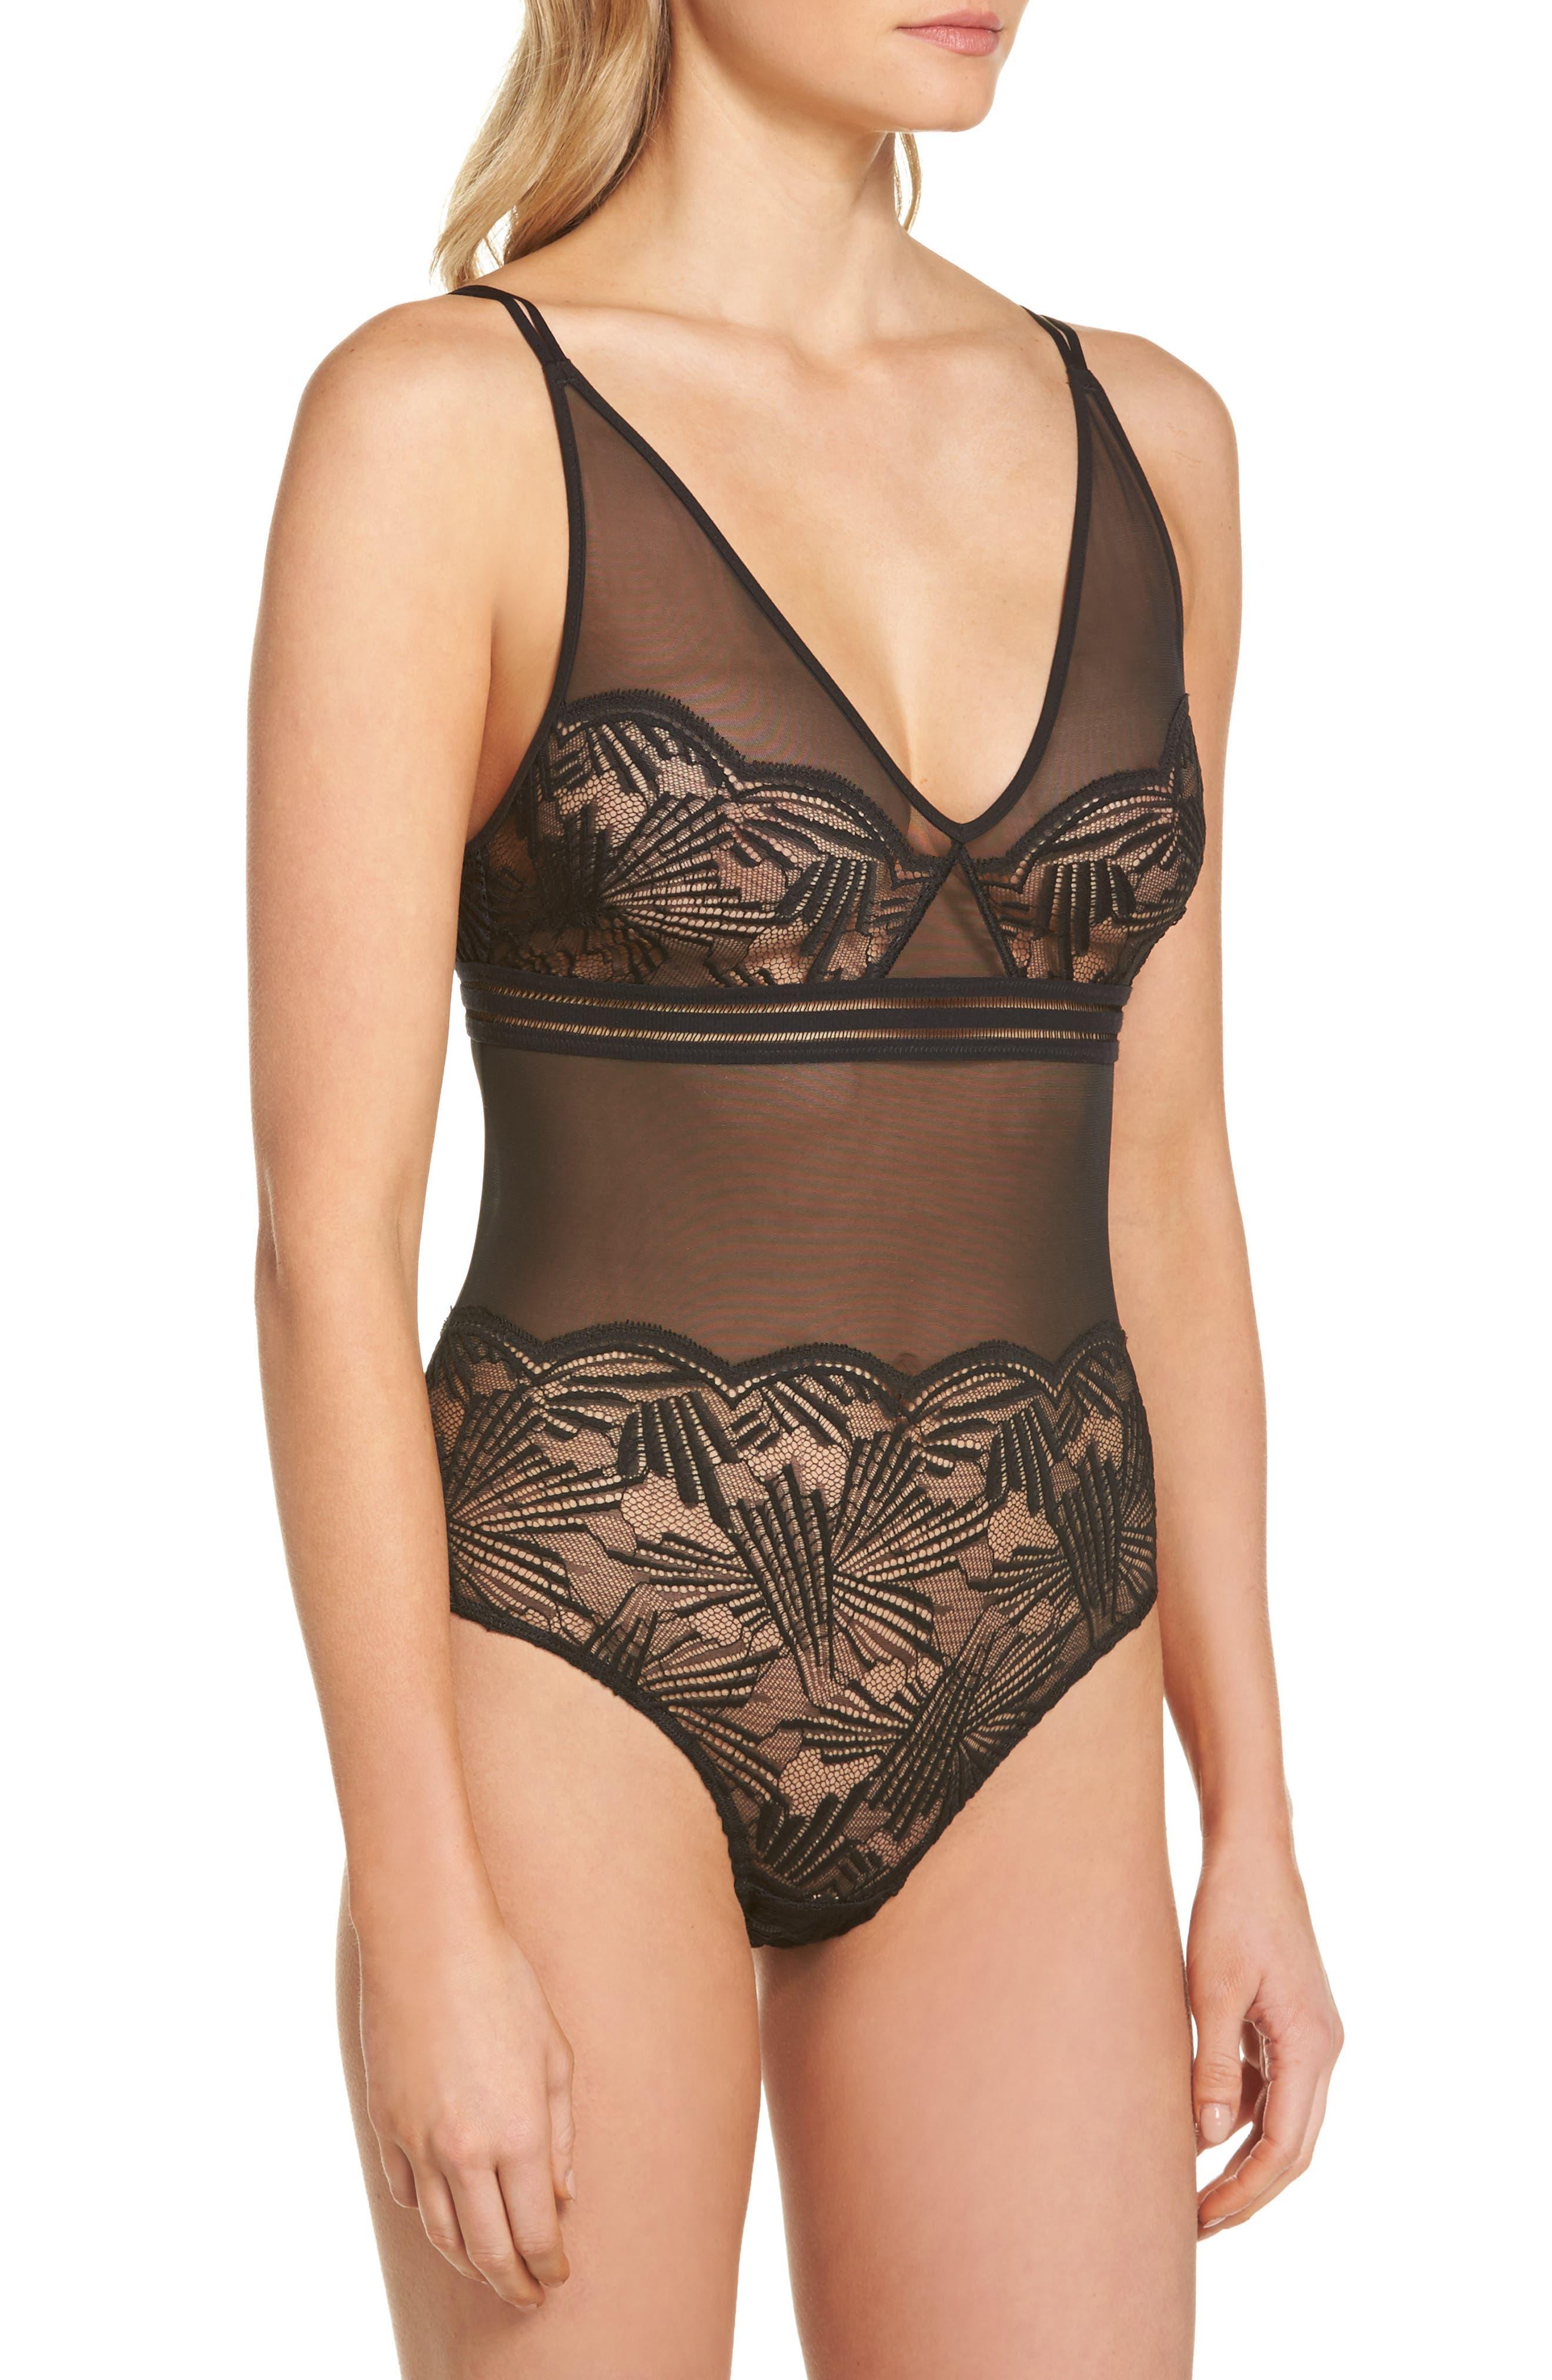 PF Slipcover Bodysuit,                             Alternate thumbnail 4, color,                             Black